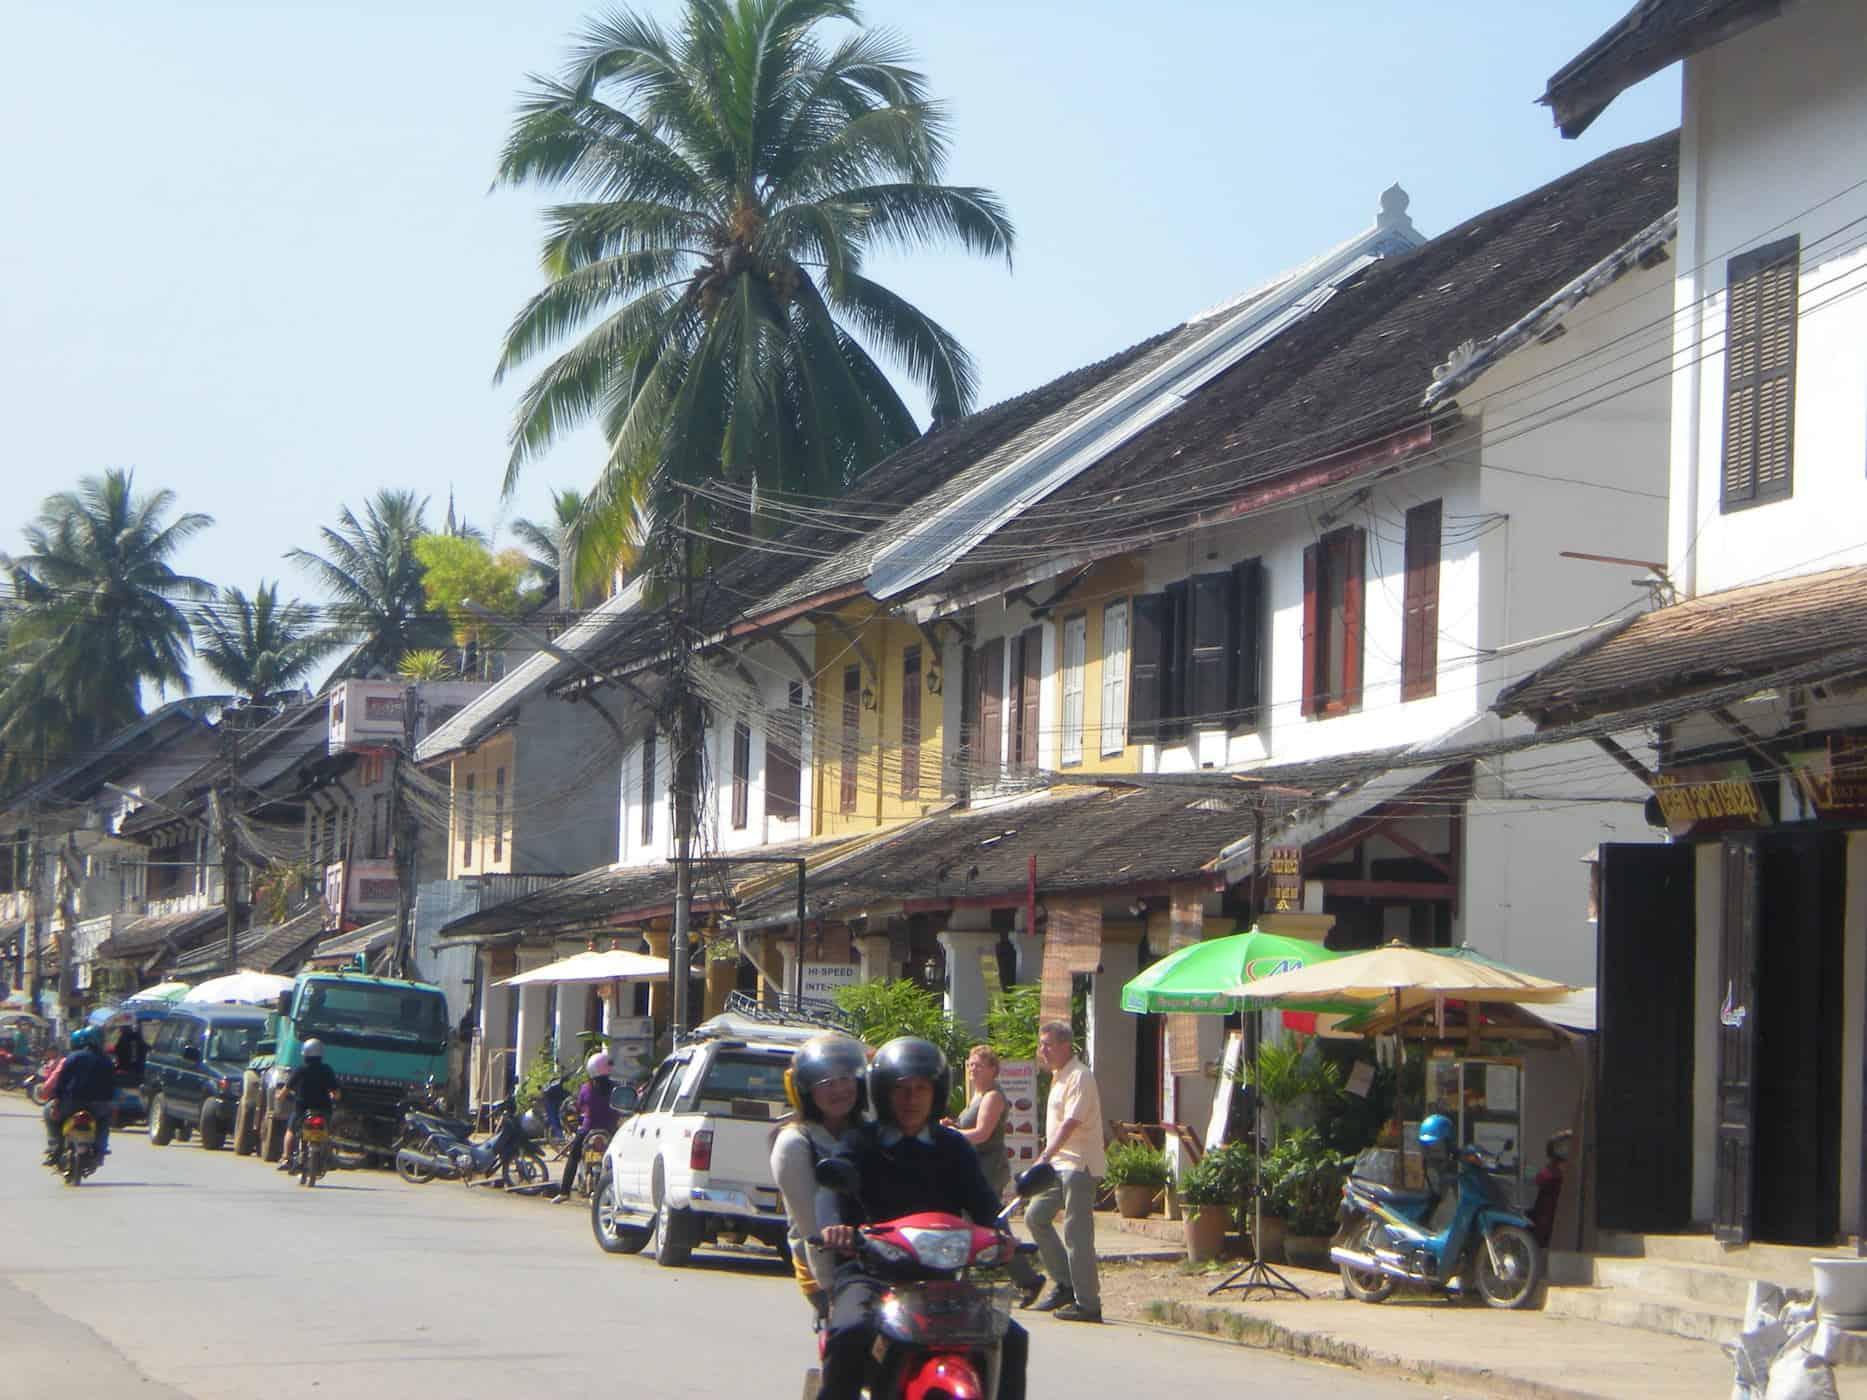 Street in Luang Prabang, Laos.